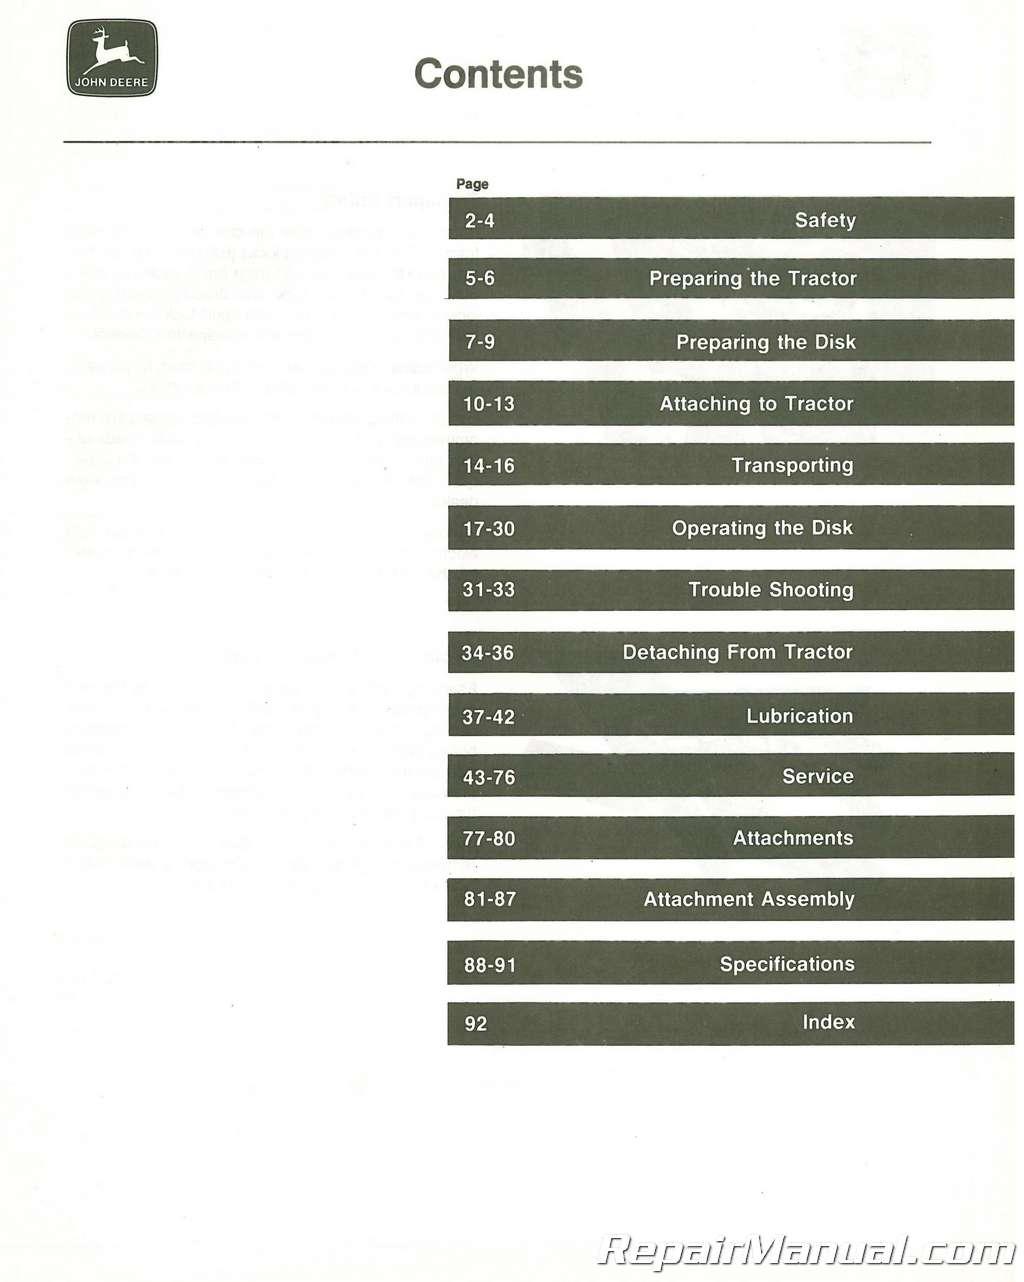 Deere 335 Manual